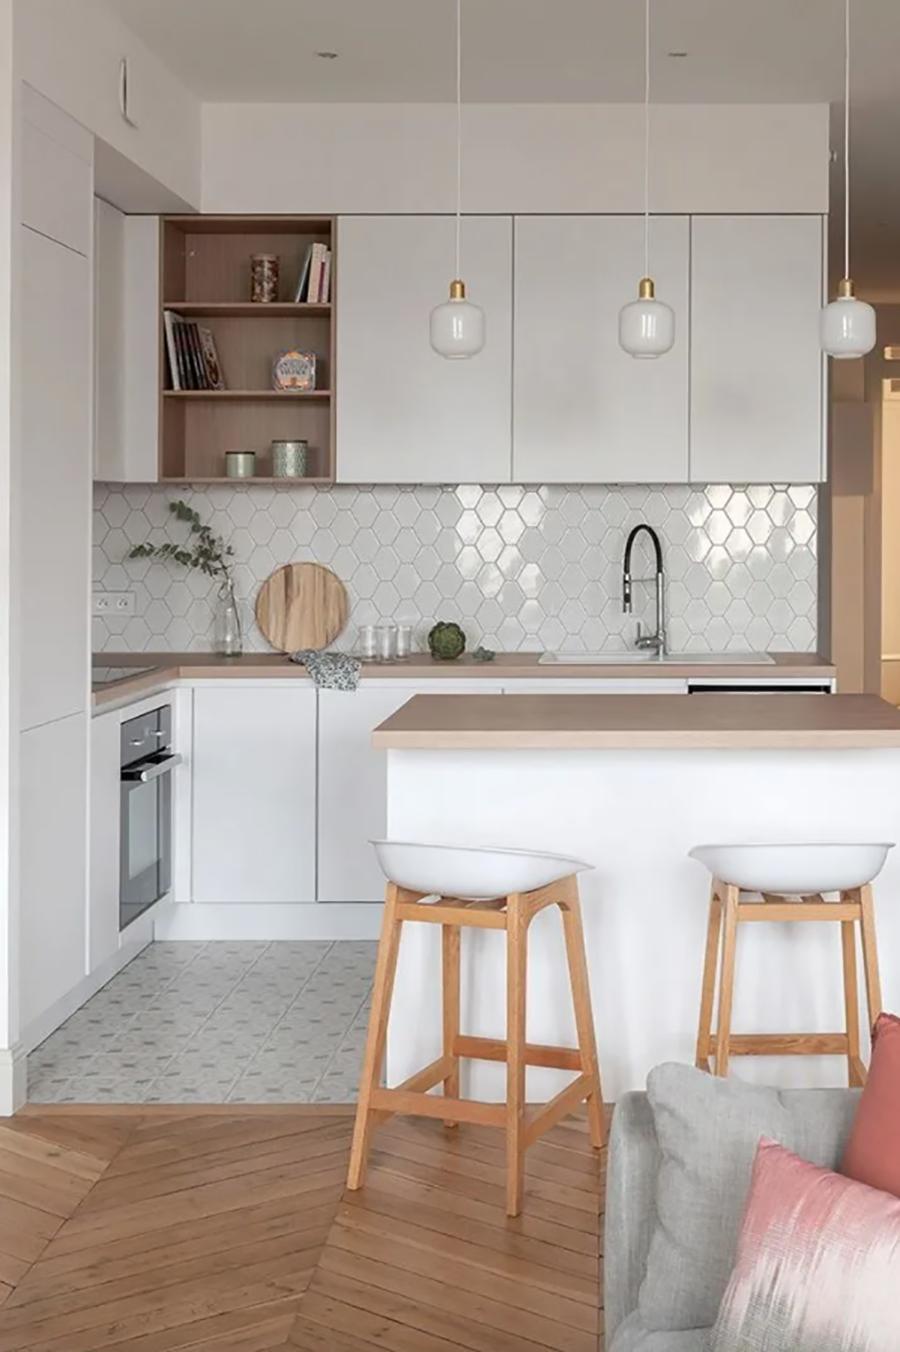 Las cocinas abiertas generalmente gozan de muy buena iluminación.